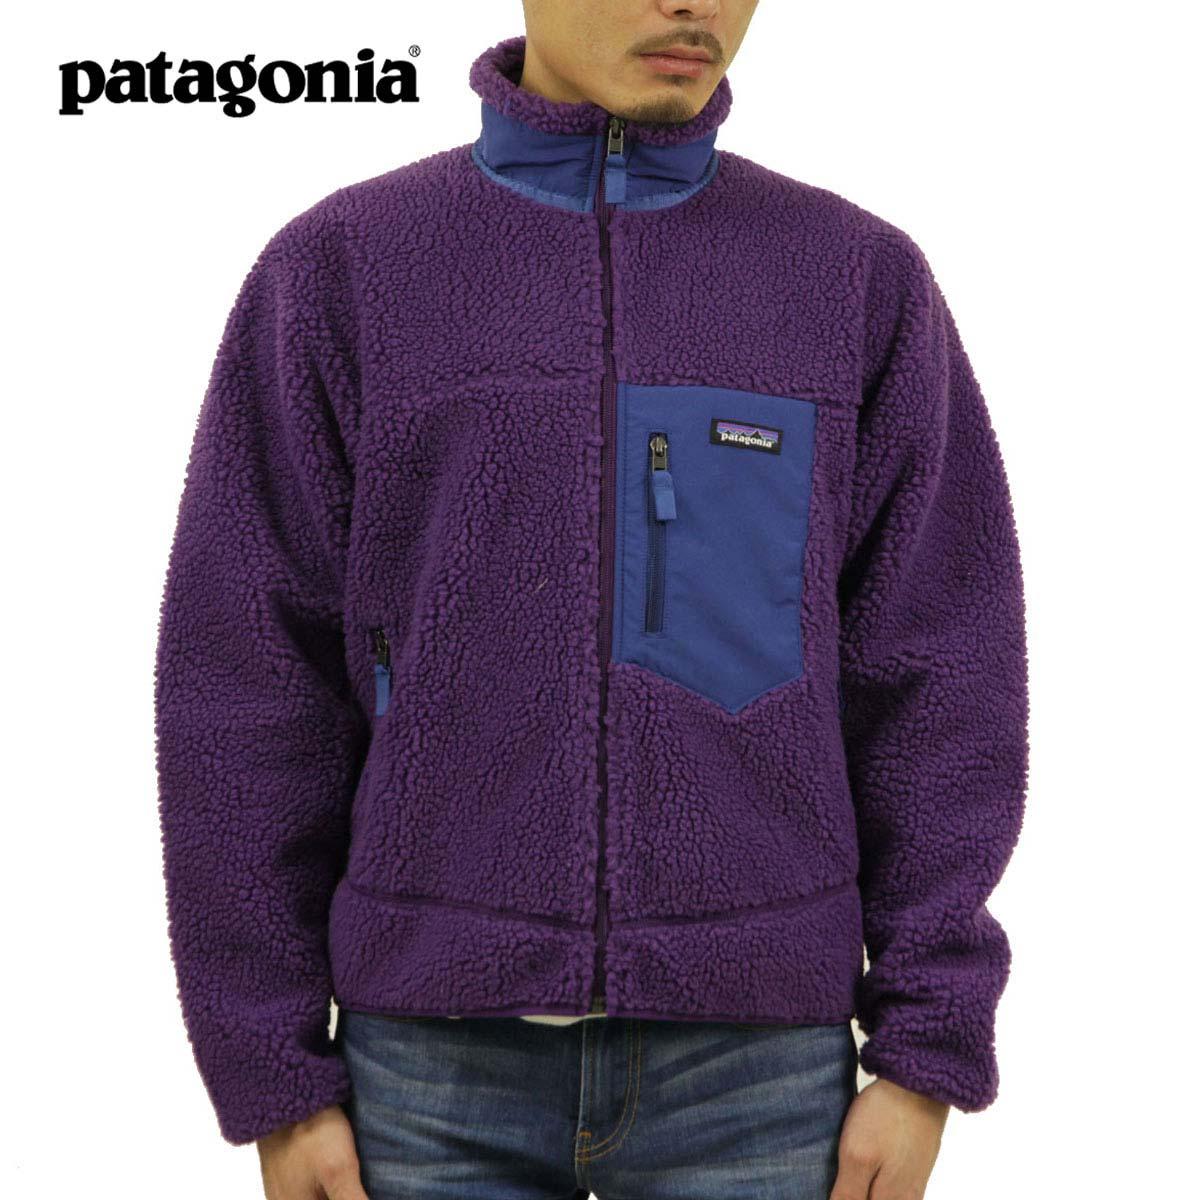 パタゴニア ジャケット メンズ 正規品 patagonia レトロX ボアジャケット MEN'S CLASSIC RETRO-X FLEECE JACKET PURPLE 23056 A53B B1C C1D D4E E24F 父の日 ギフト プレゼント